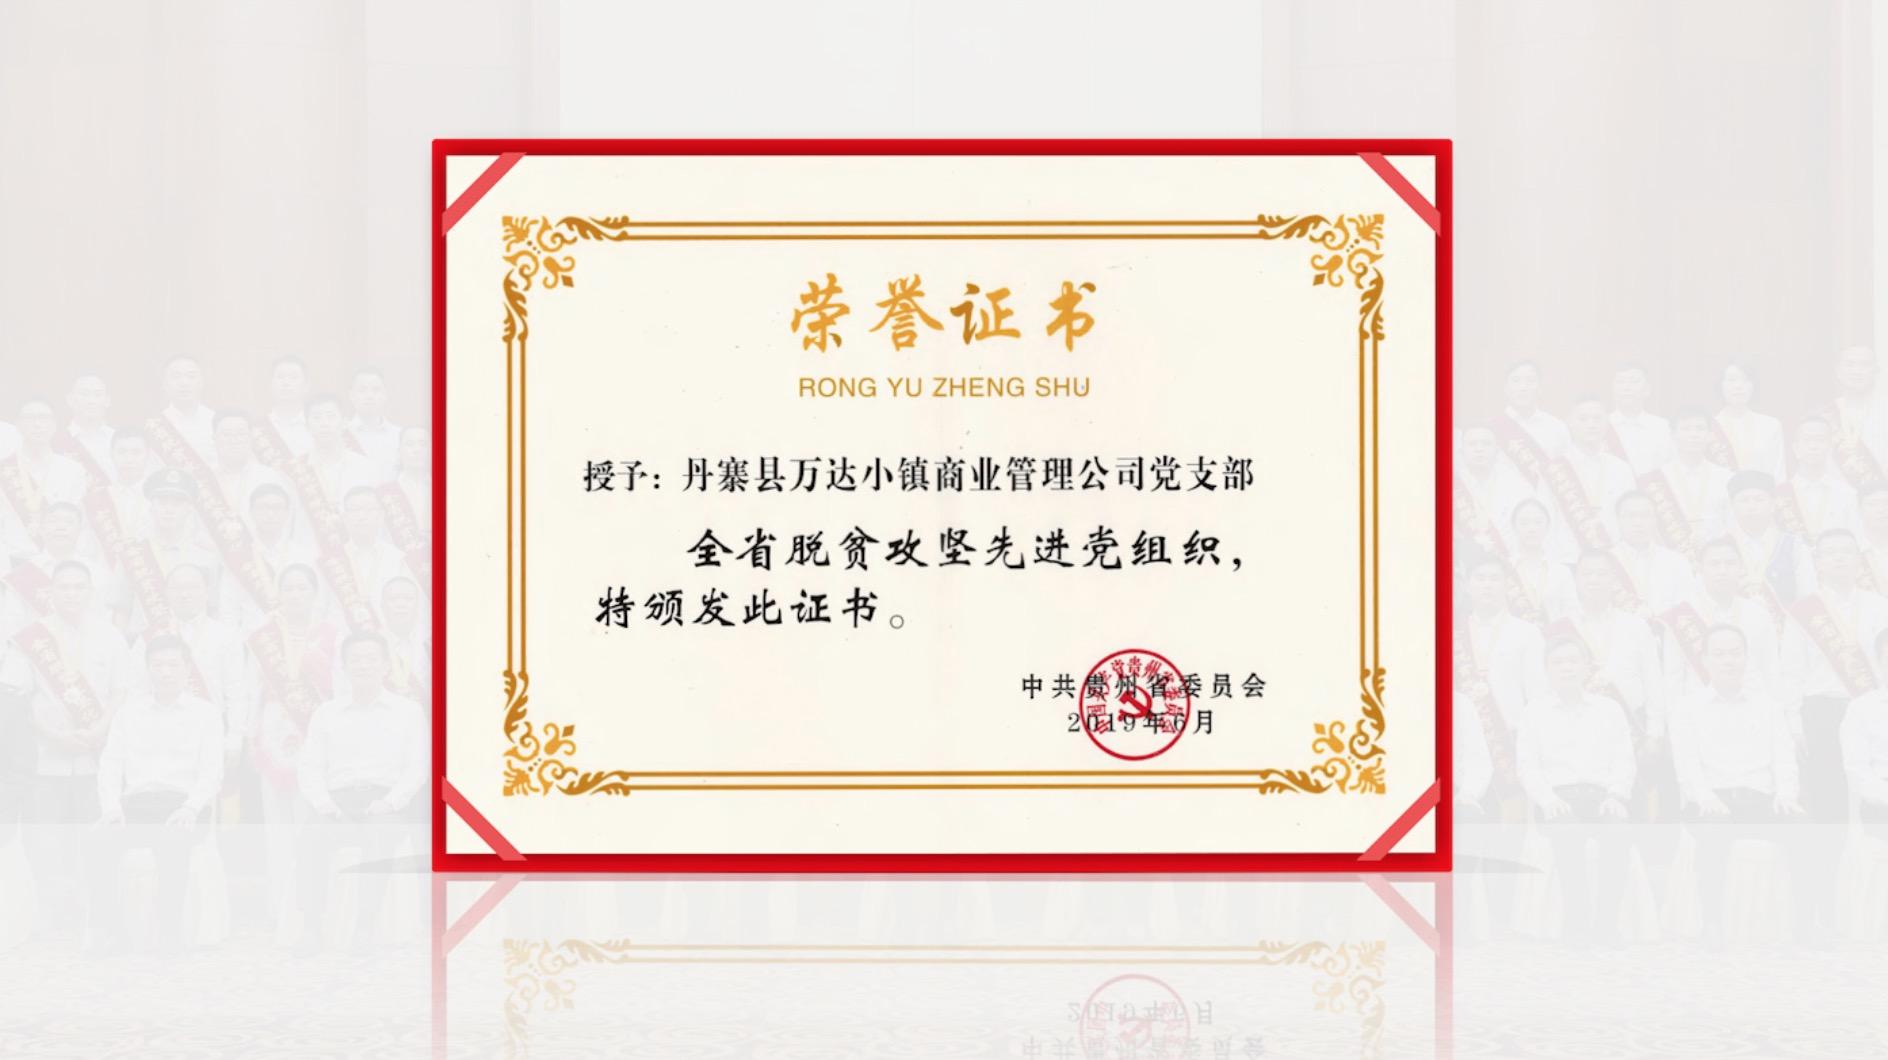 丹寨万达小镇党支部被评为贵州省脱贫攻坚先进党组织